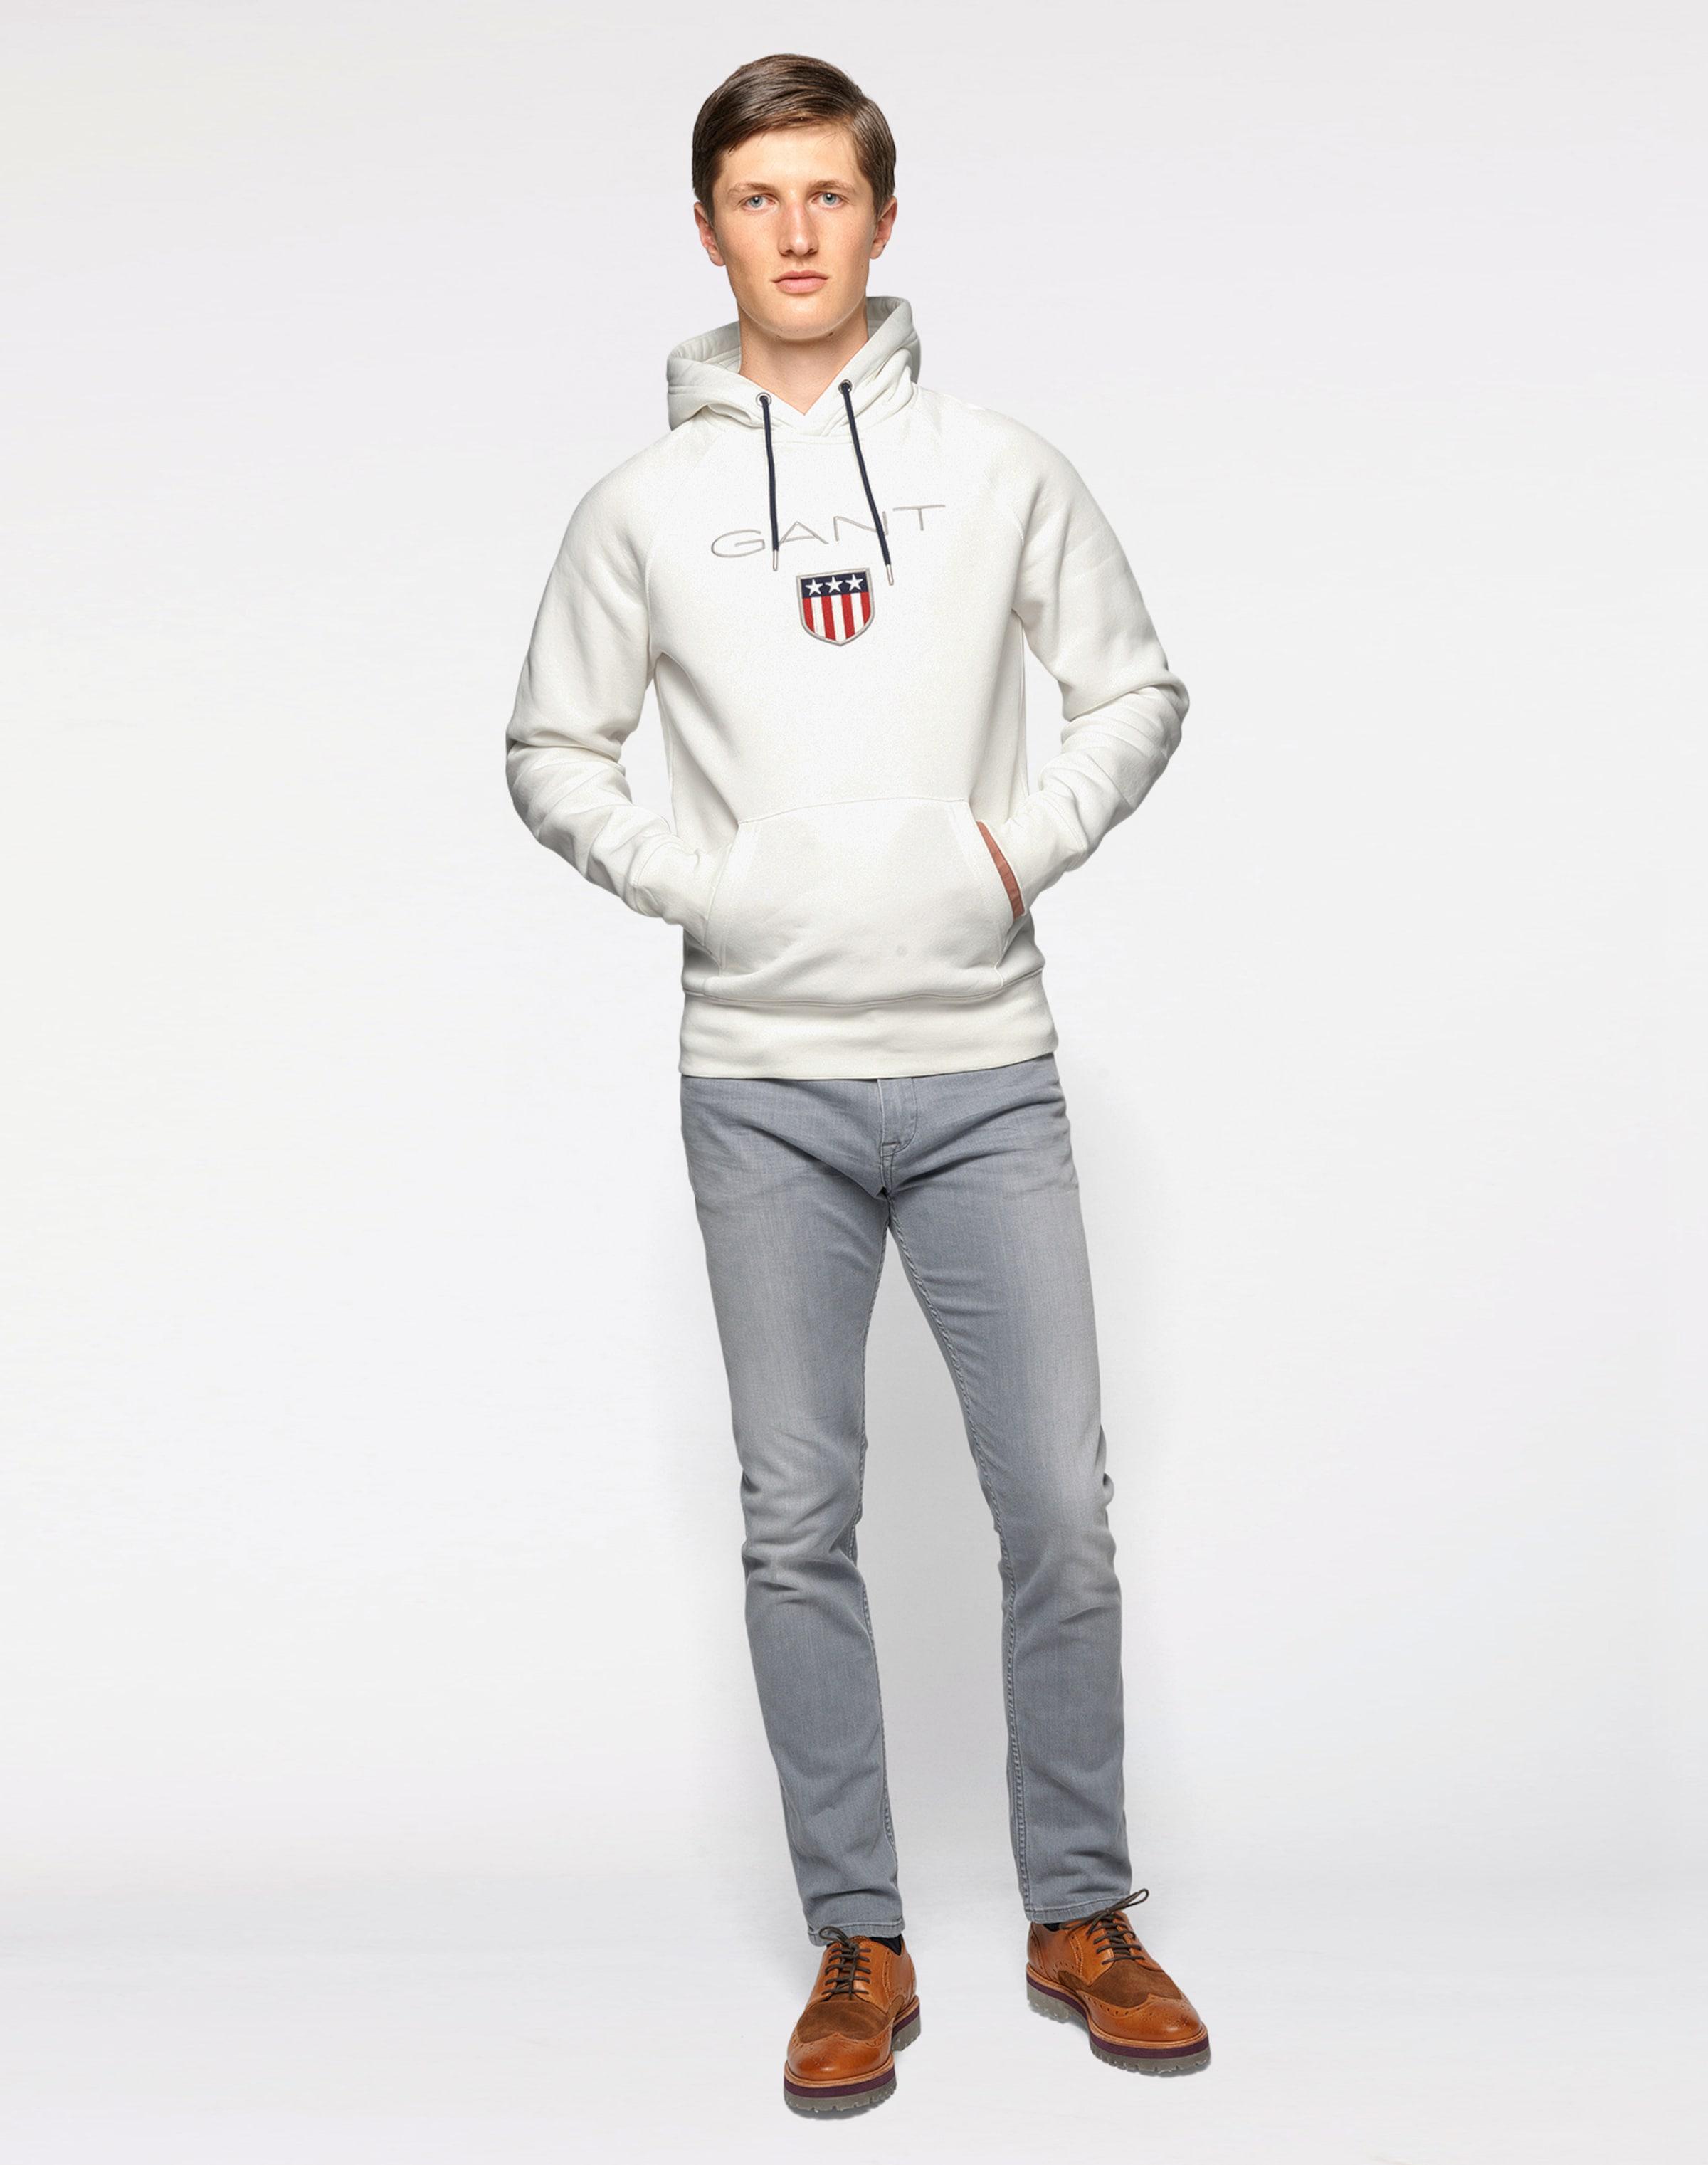 Rabatt Professionelle GANT Kapuzen-Sweatshirt Günstig Kaufen Klassisch Liefern Online Neueste Billig Verkauf Verkauf 4GTYH